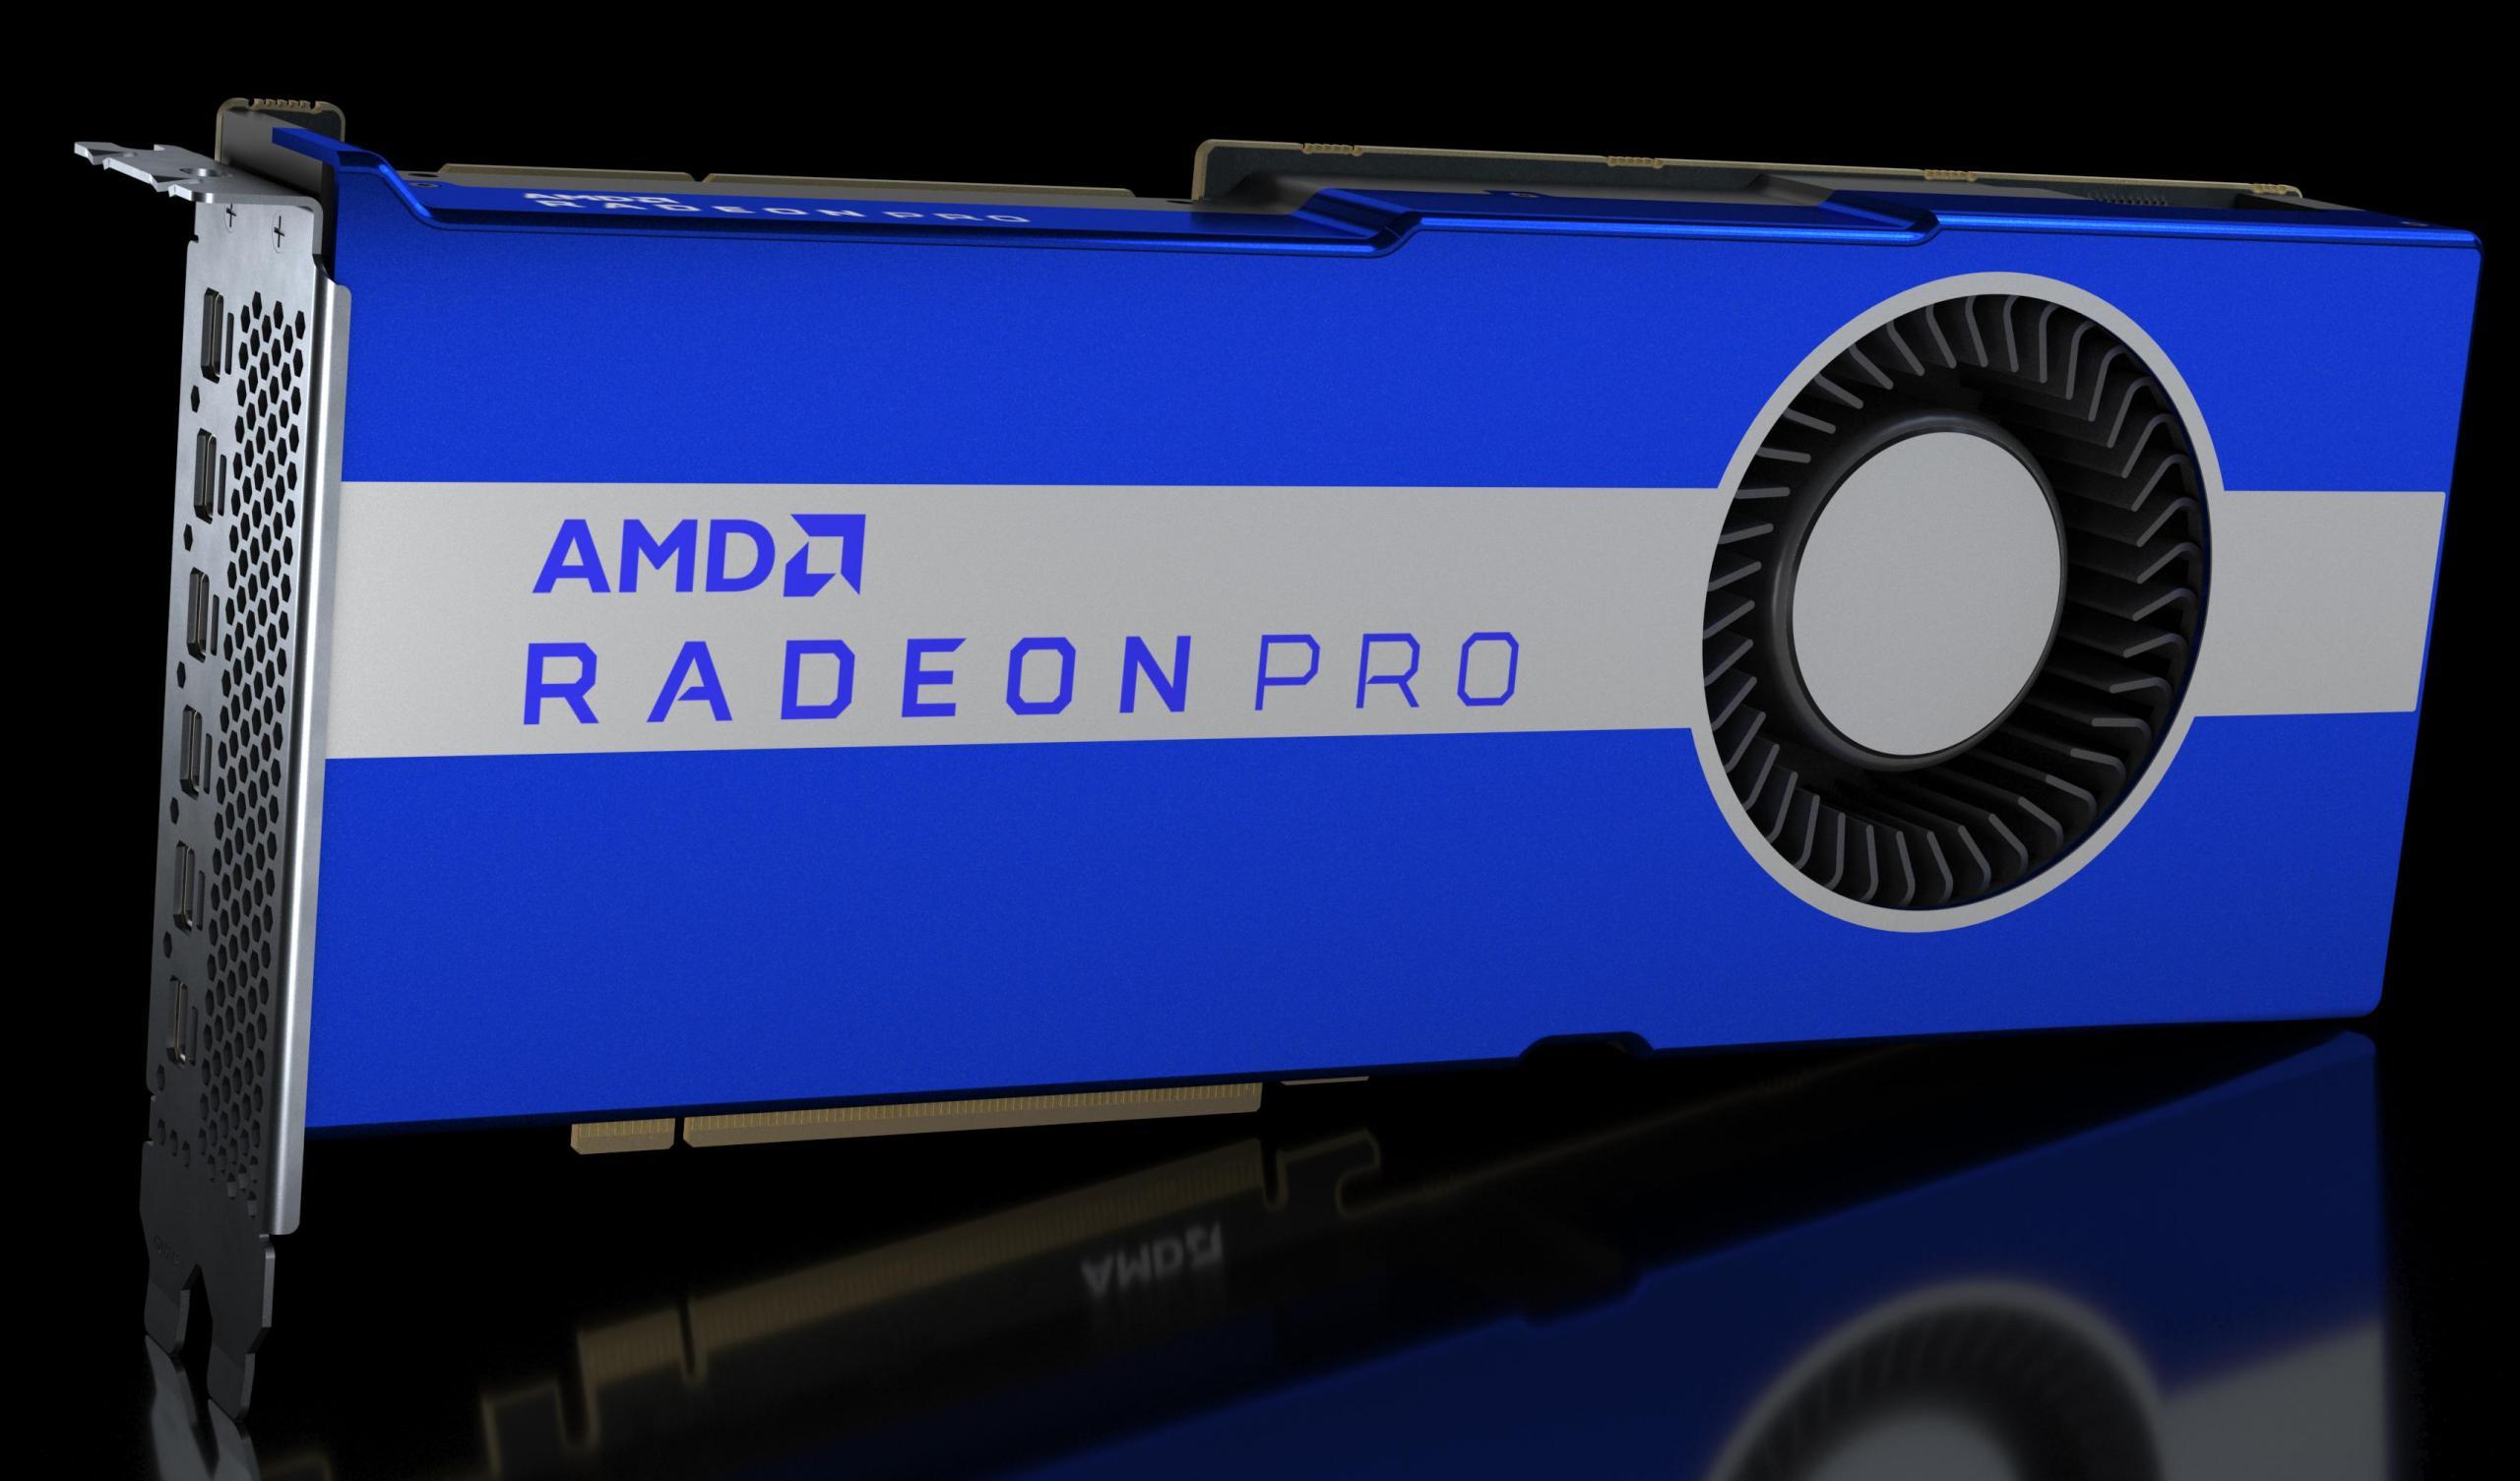 AMD Radeon Pro VII als Workstation-Grafikkarte: die interessante Wiederbelebung der Radeon VII